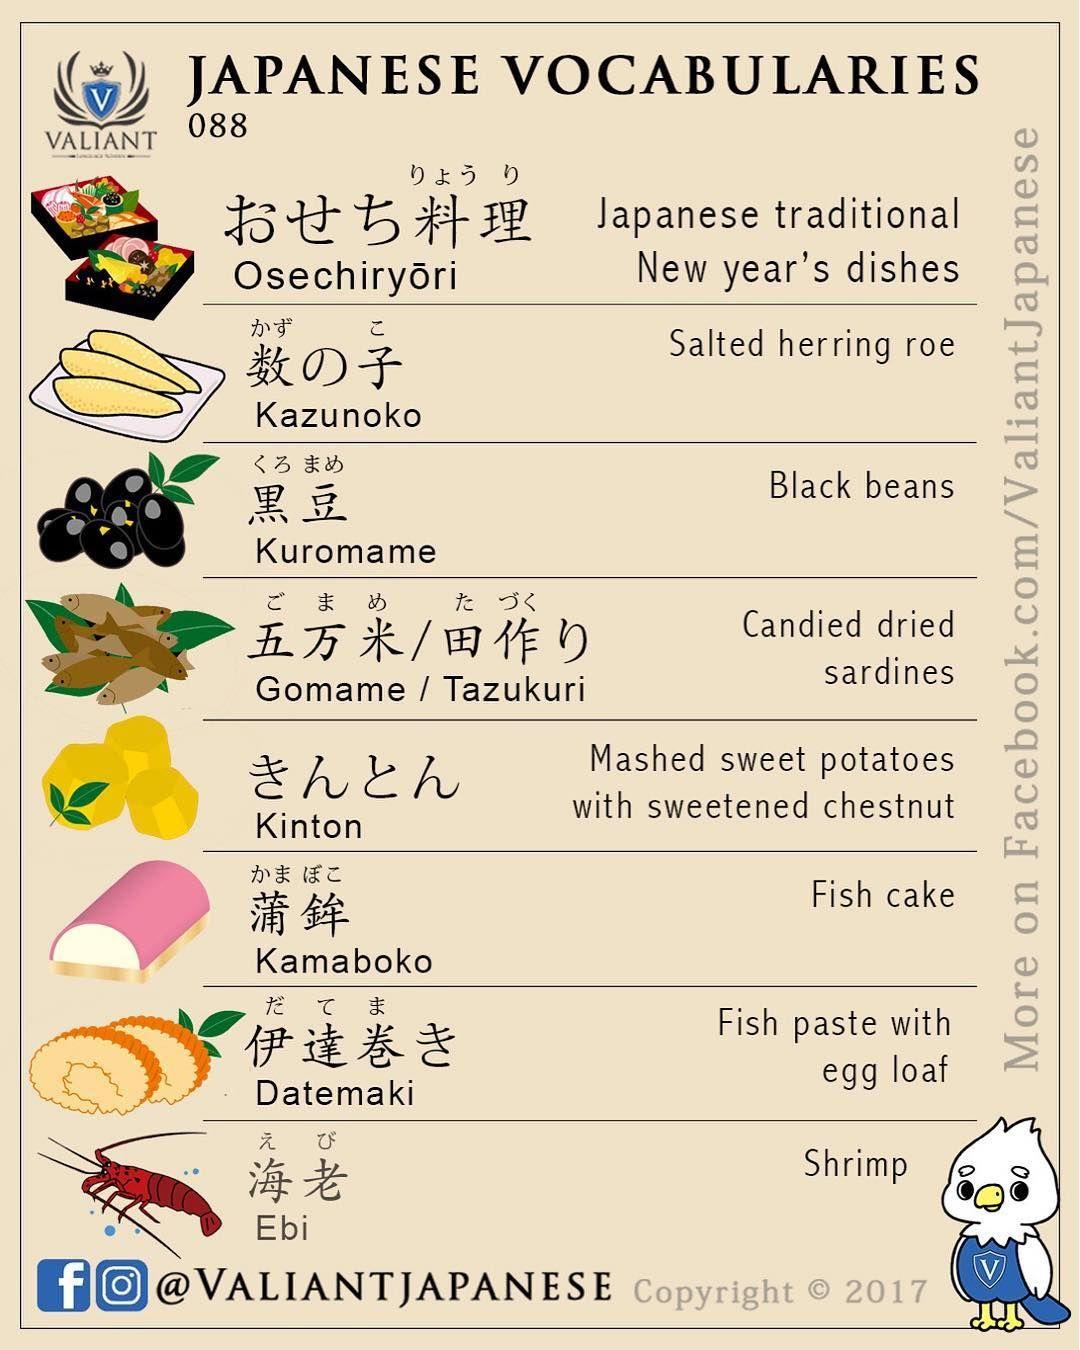 Valiant Language School Valiantjapanese On Instagram Japanese Vocabulary 088 Osechi